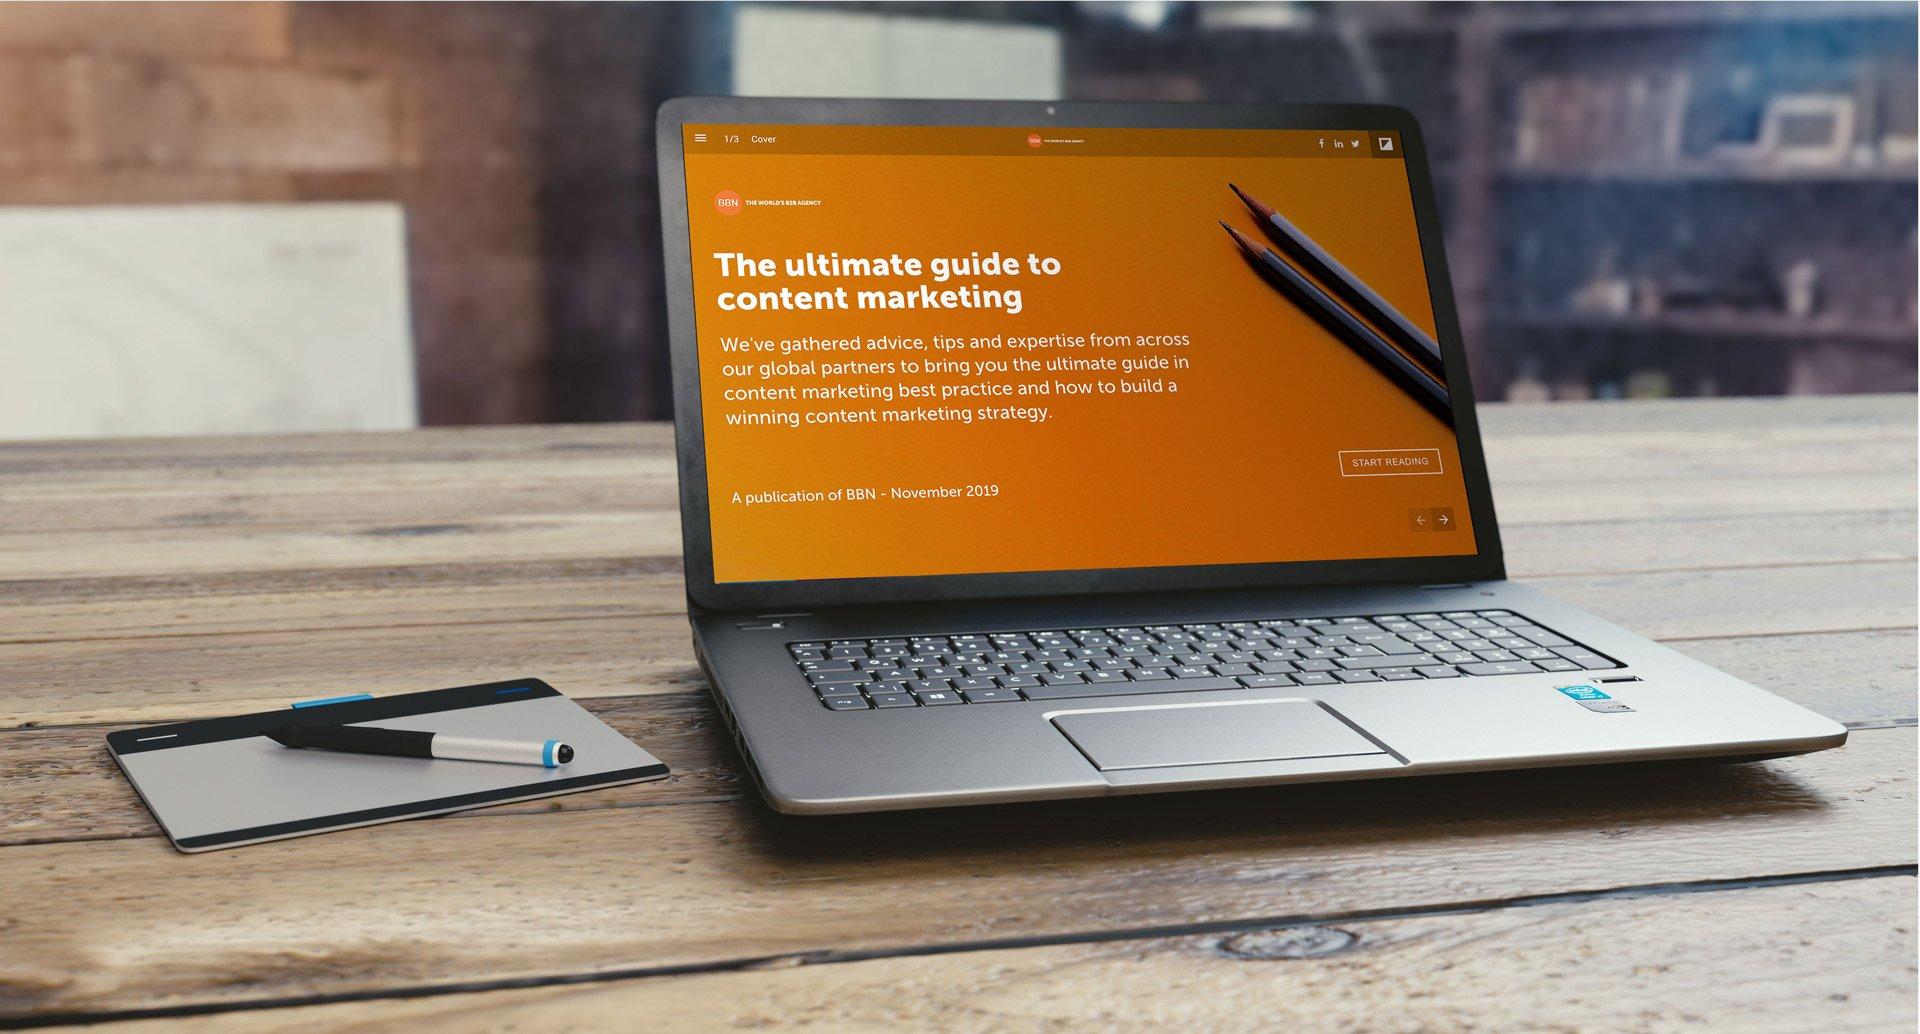 laptop-screen-image